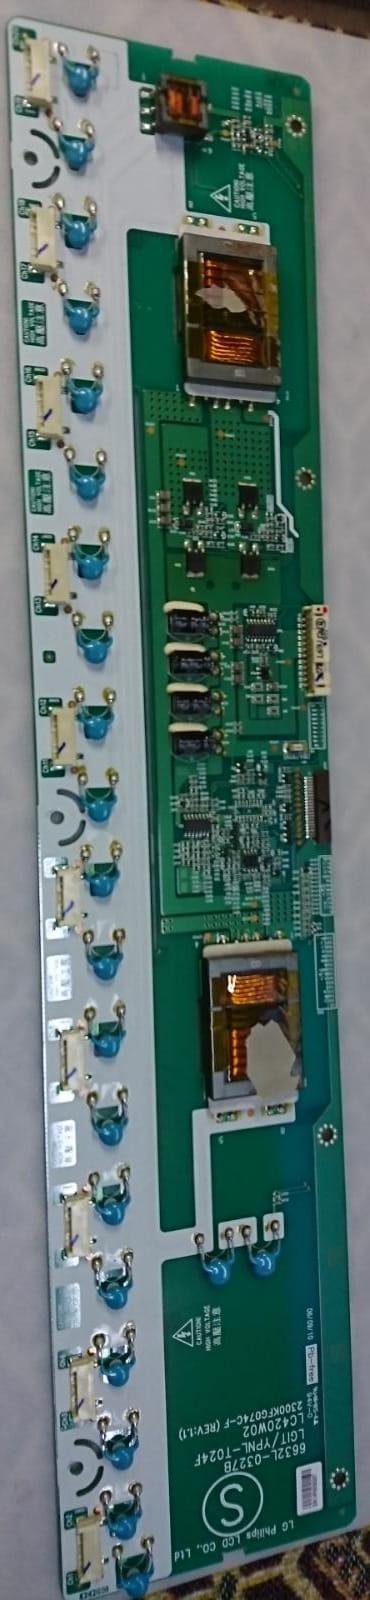 6632L-0153B KLS-420CP-E REV 1,1